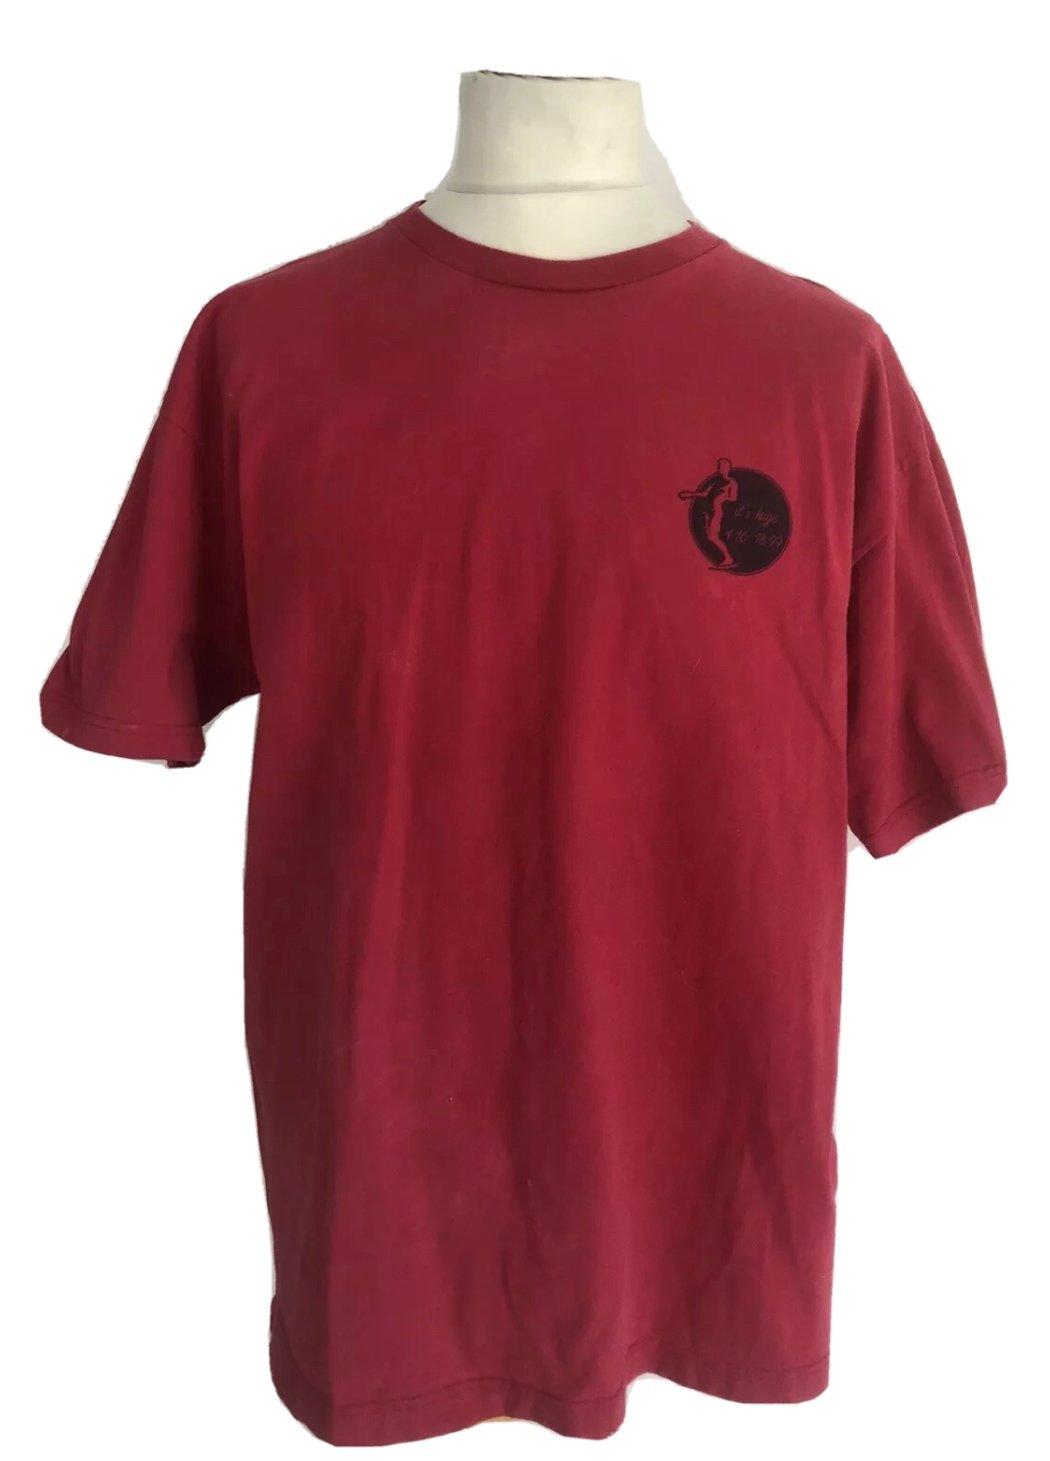 Image of Vintage Patagonia Tsunami Surfer T-shirt Xlarge